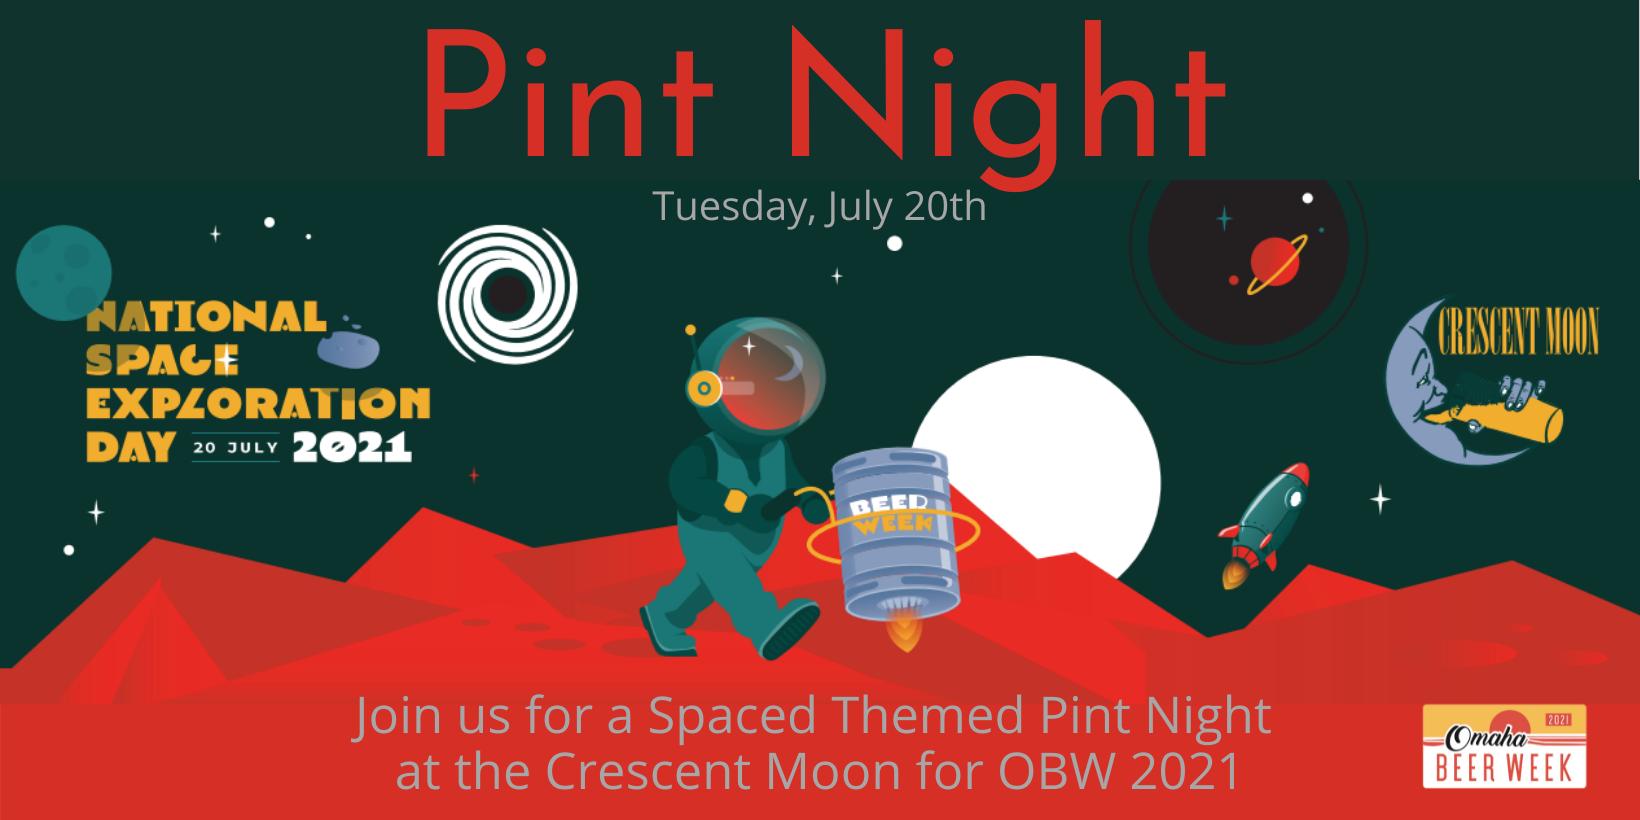 Crescent Moon's Lunar Landing Pint Night